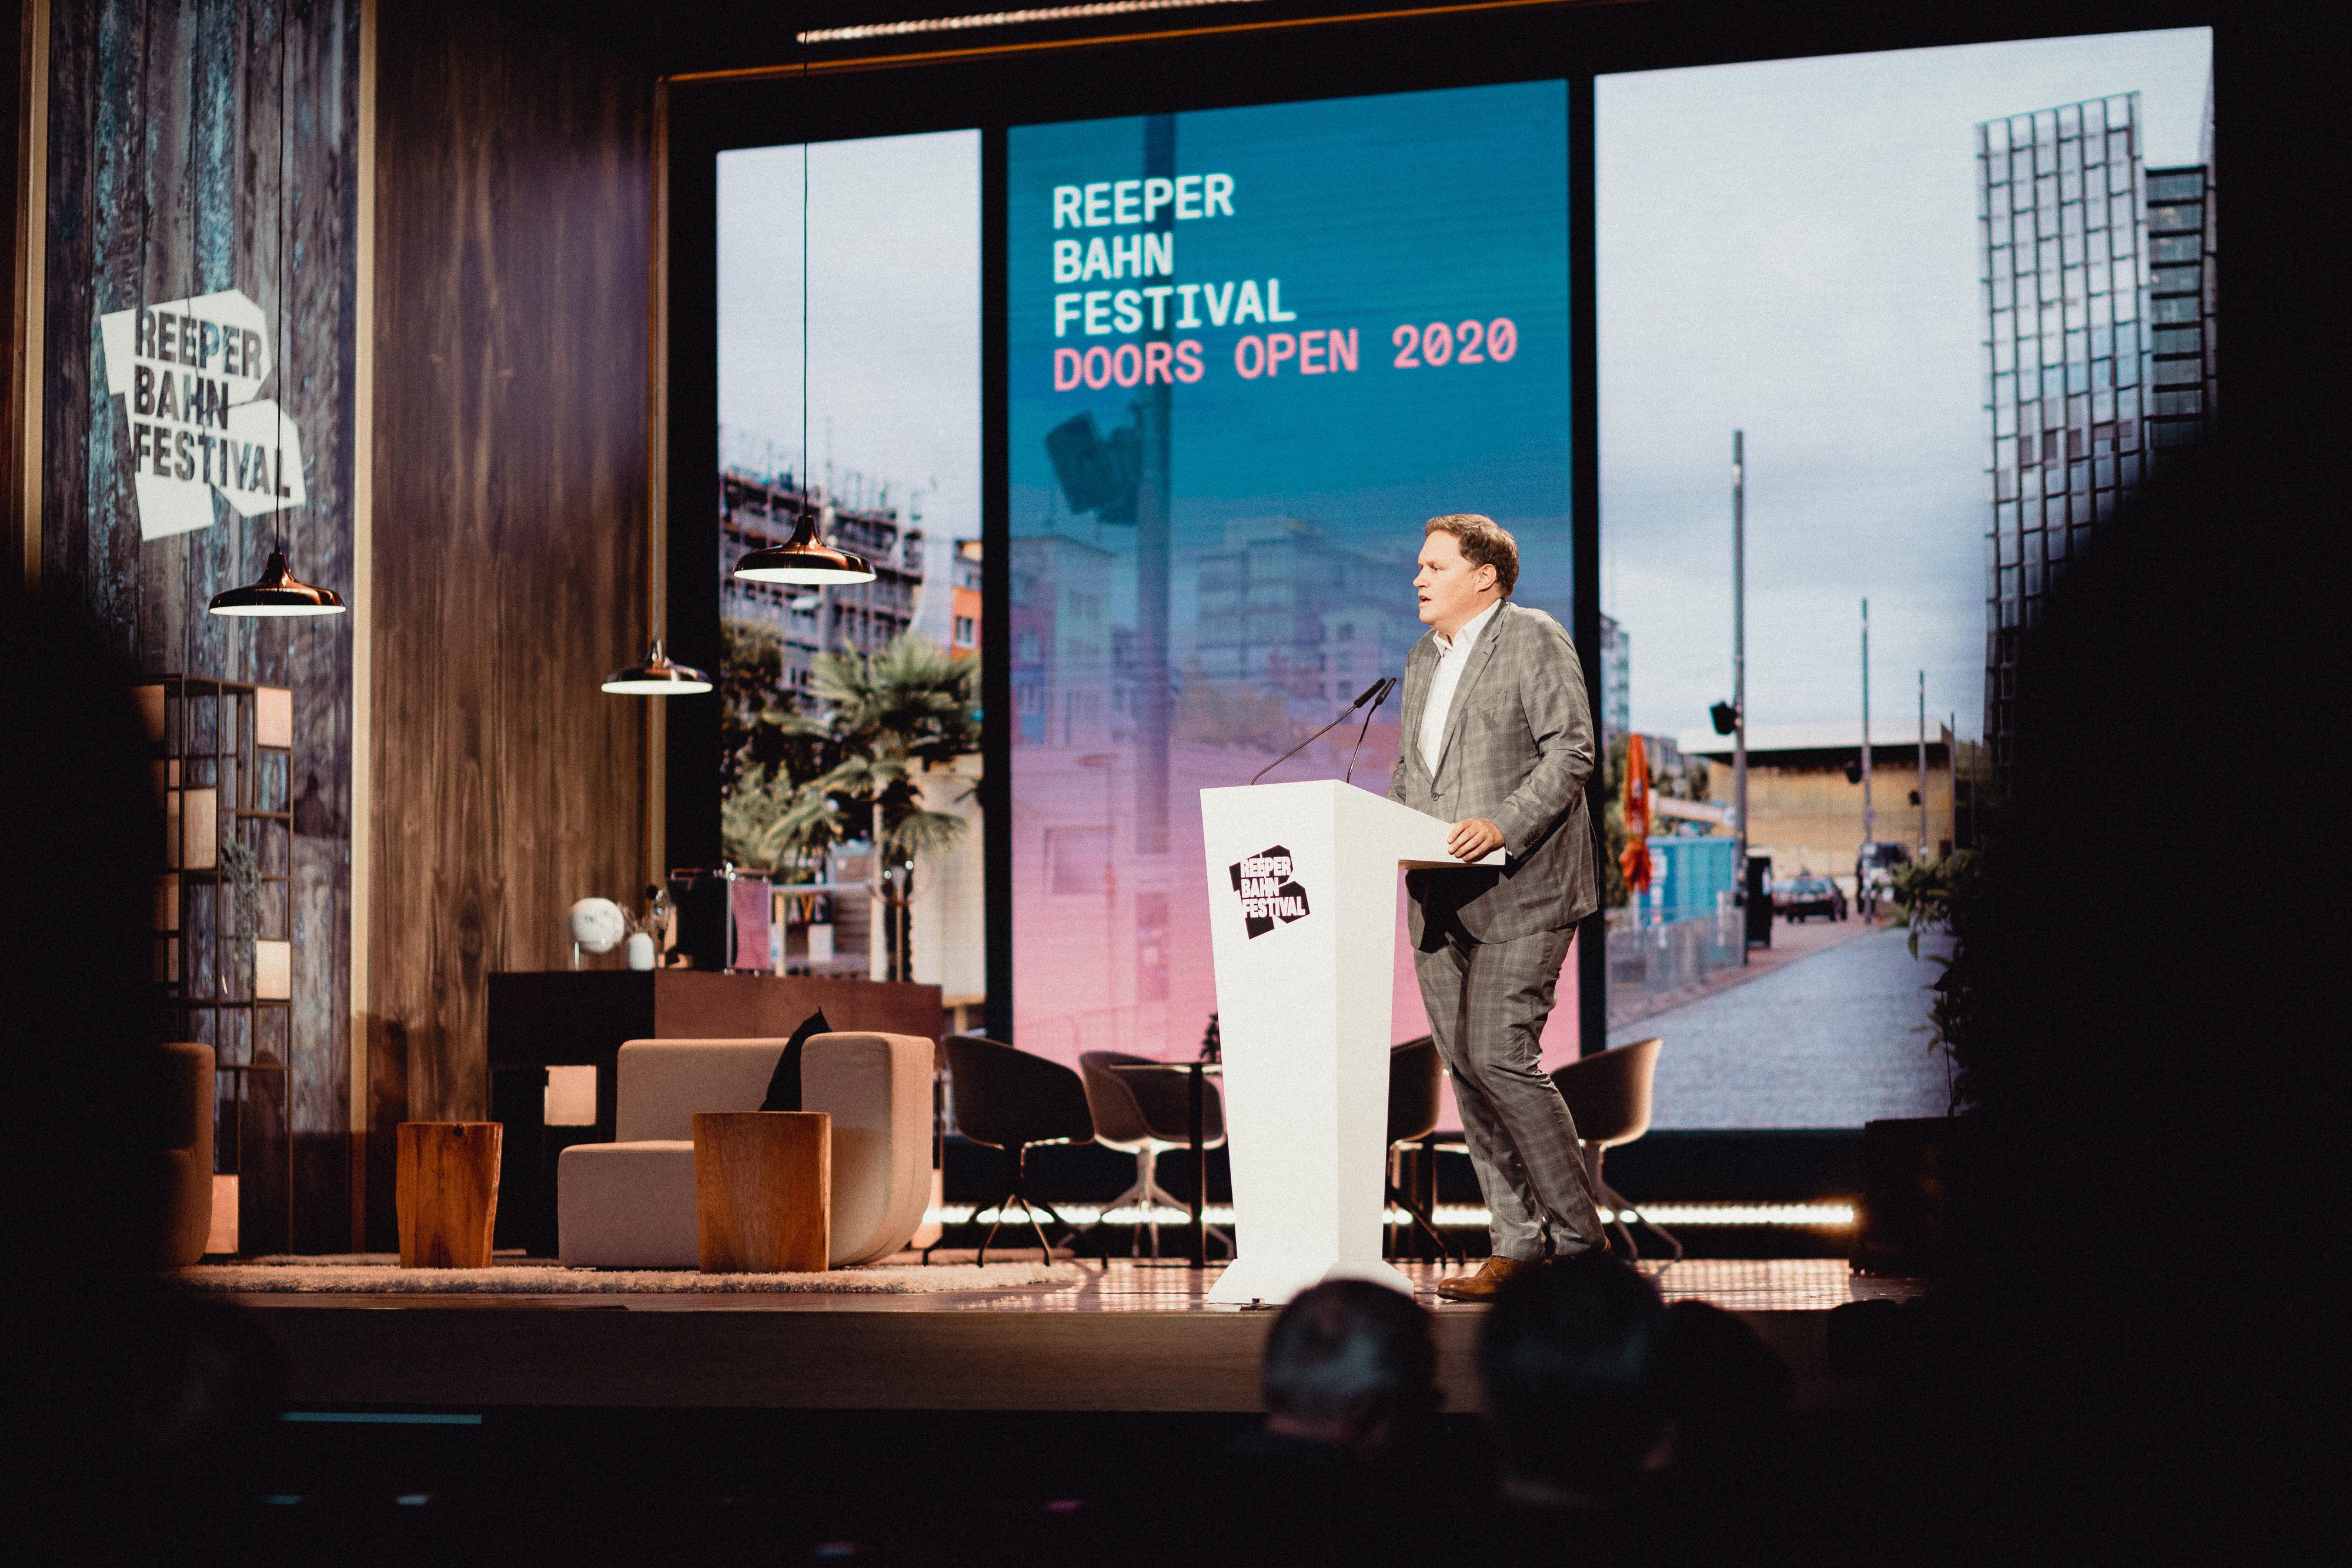 Kultursenator, Carsten Brosda, Doors Open, Reeperbahn Festival, Hamburg